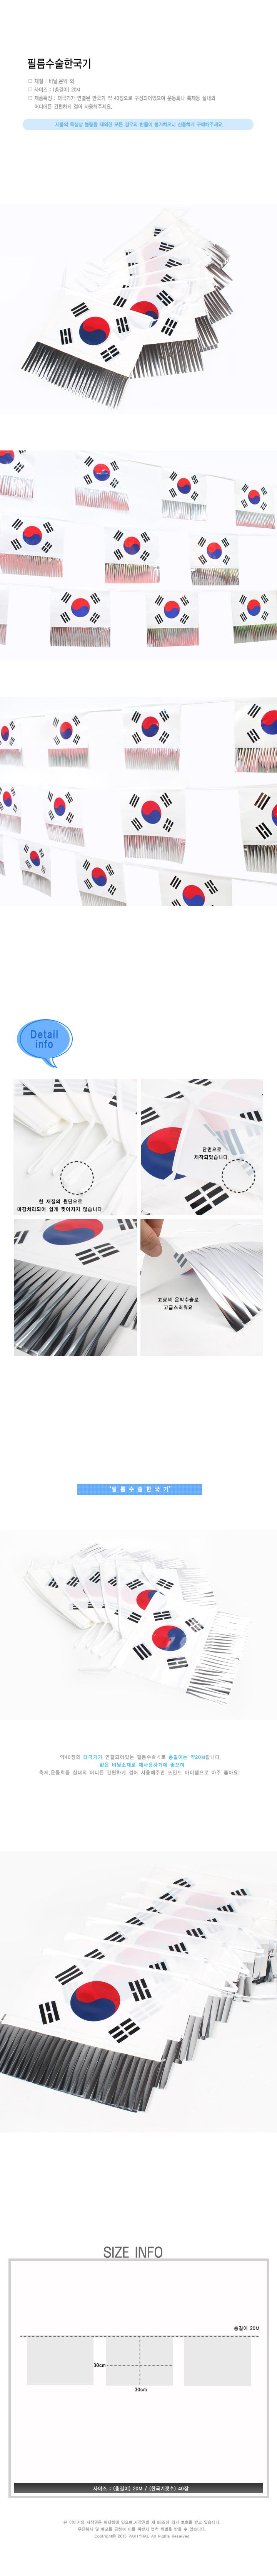 필름수술한국기-20M - 파티해, 18,000원, 파티용품, 가랜드/배너/현수막